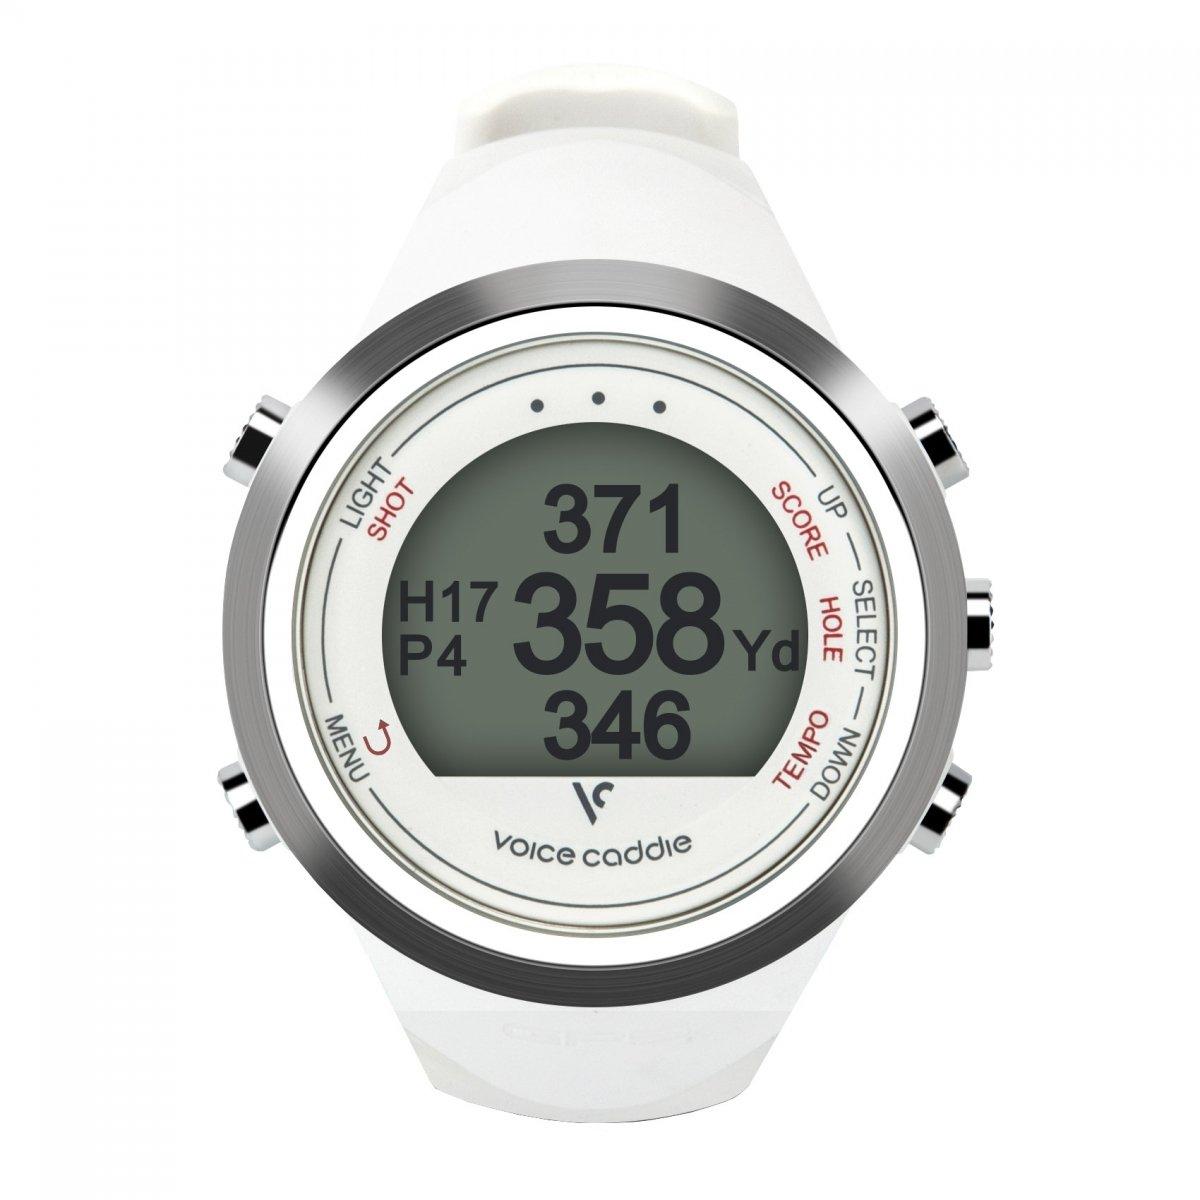 Voice Caddie T-1WH Hybrid Golf GPS Watch - White   B01M1YRVOE